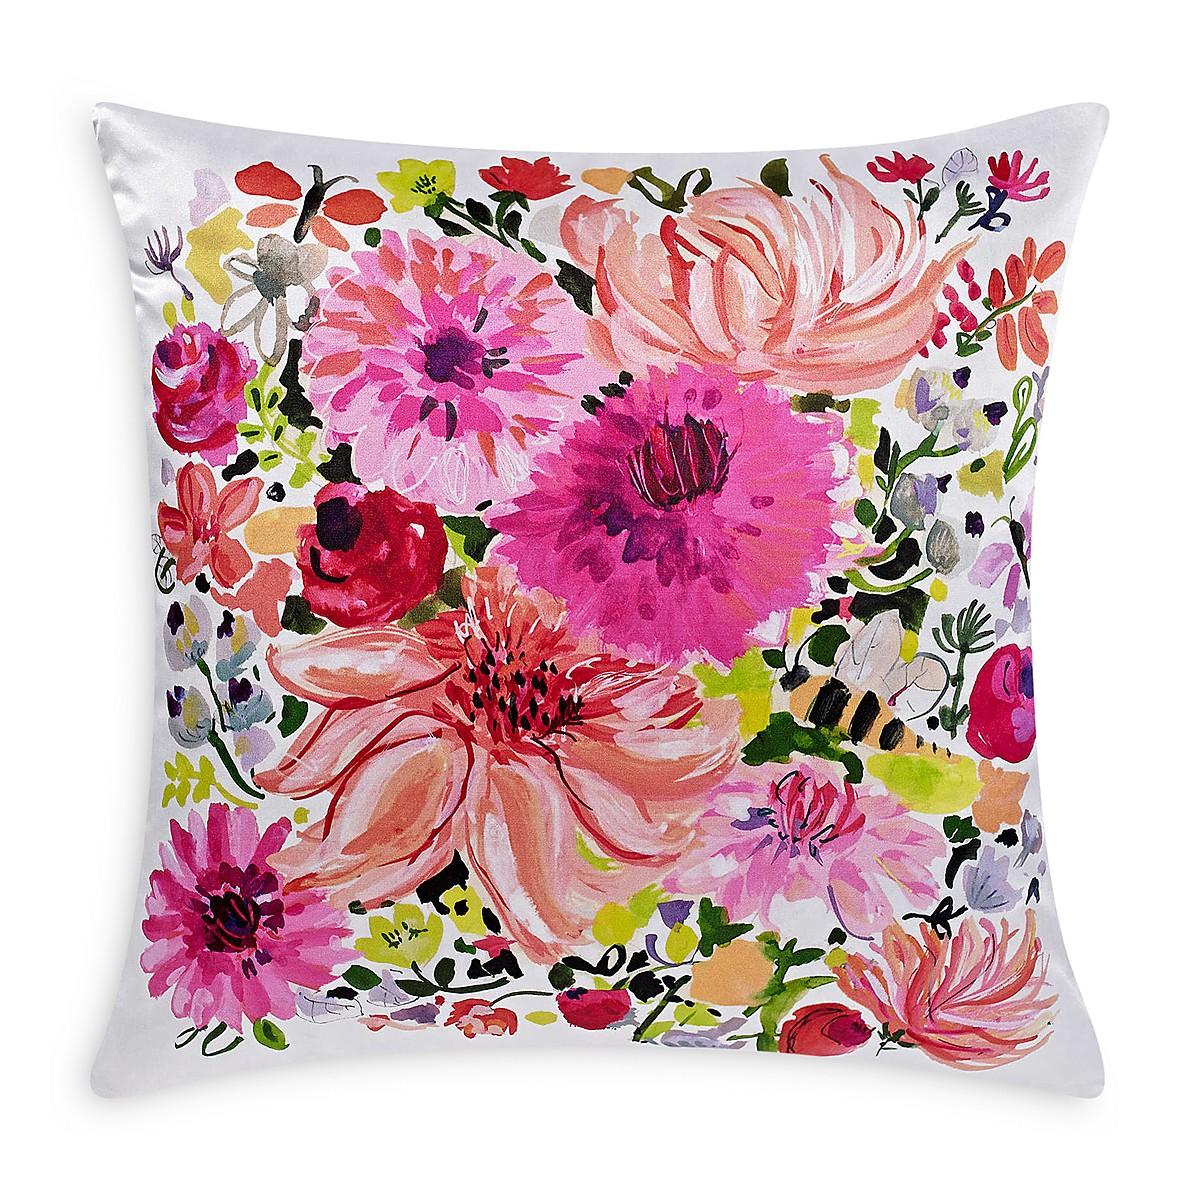 Black Blush Pink Dot Kate Spade Pillows A Pair Image 4